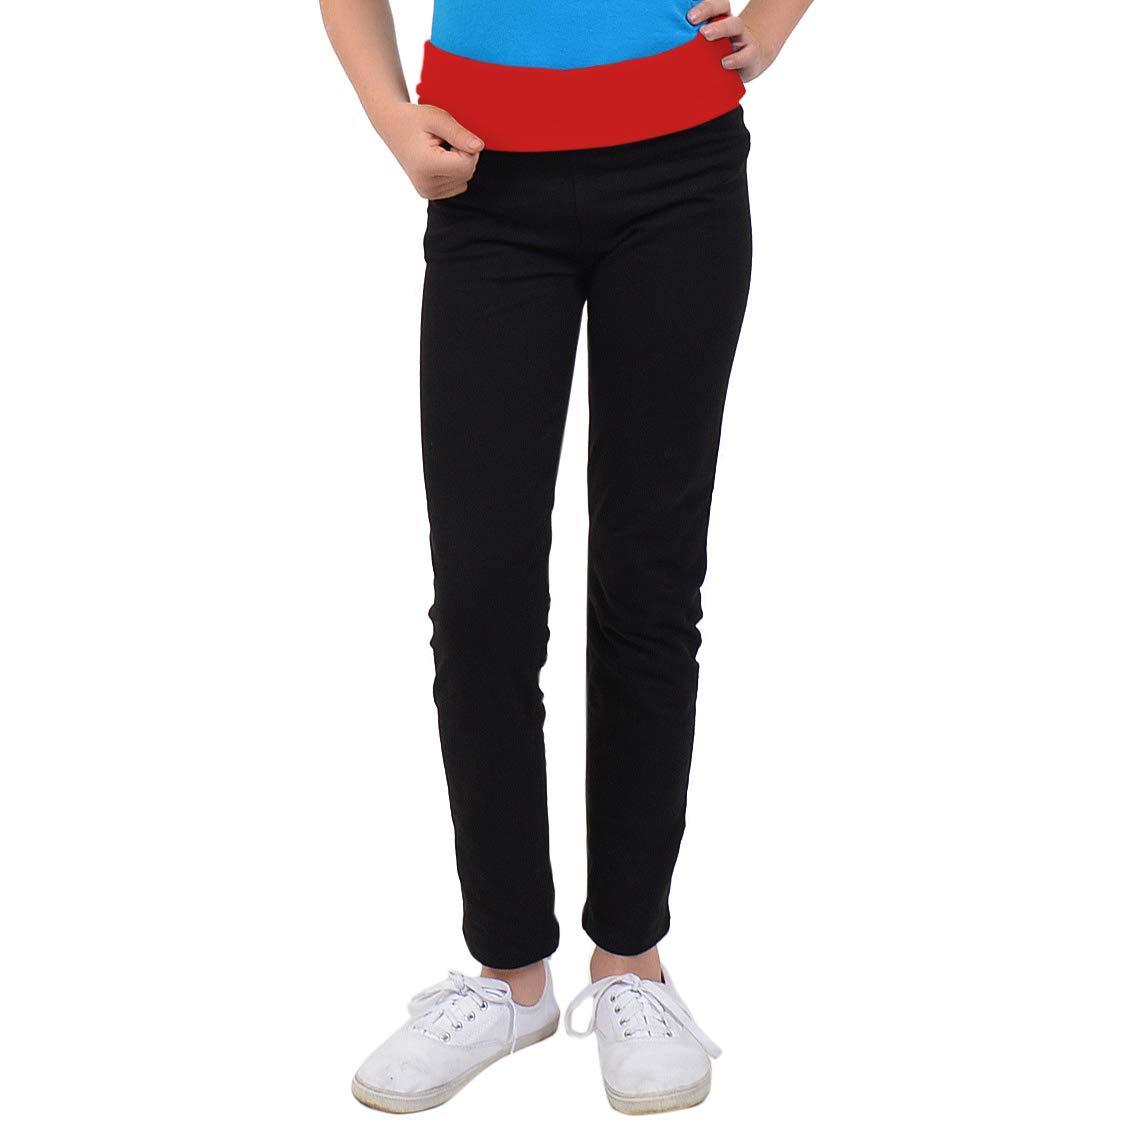 Stretch is Comfort Girl's Teamwear Foldover Full Length Cotton Leggings L3002FL-$P